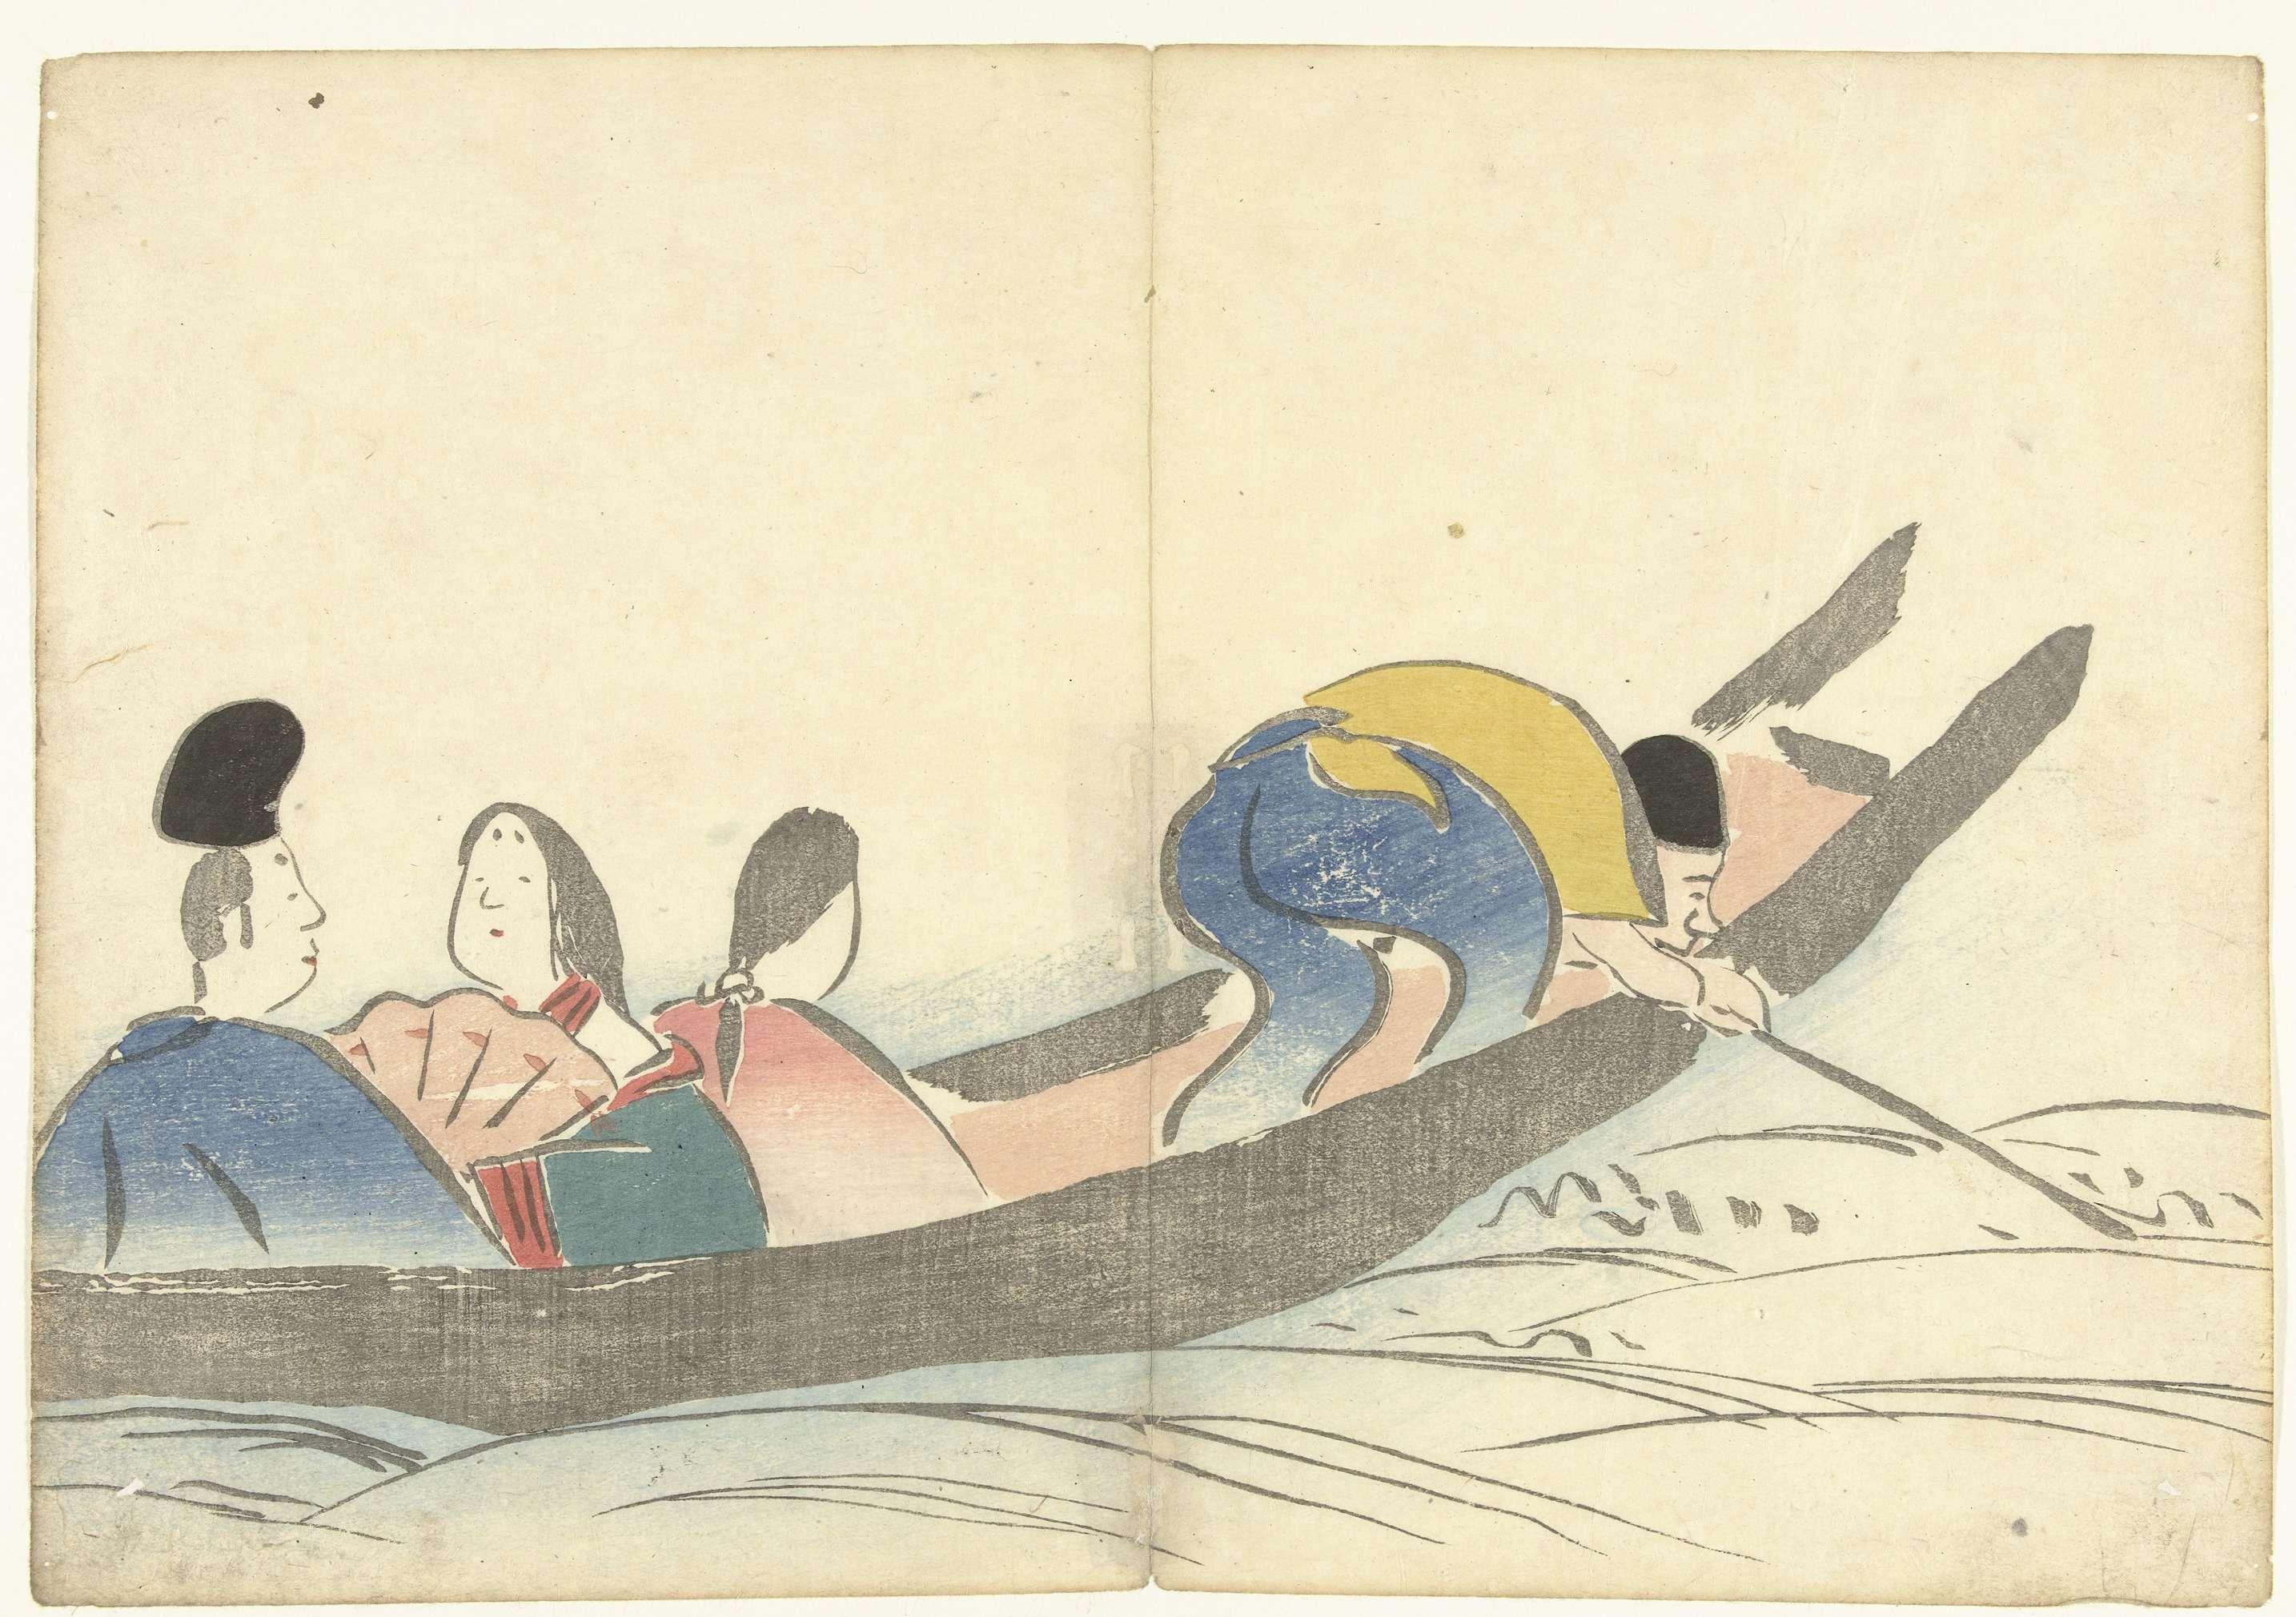 Nakamura Hôchû   Personen in een boot, Nakamura Hôchû, Izumiya Shojiro, 1826   Drie pasagiers en een roeier in een boot.